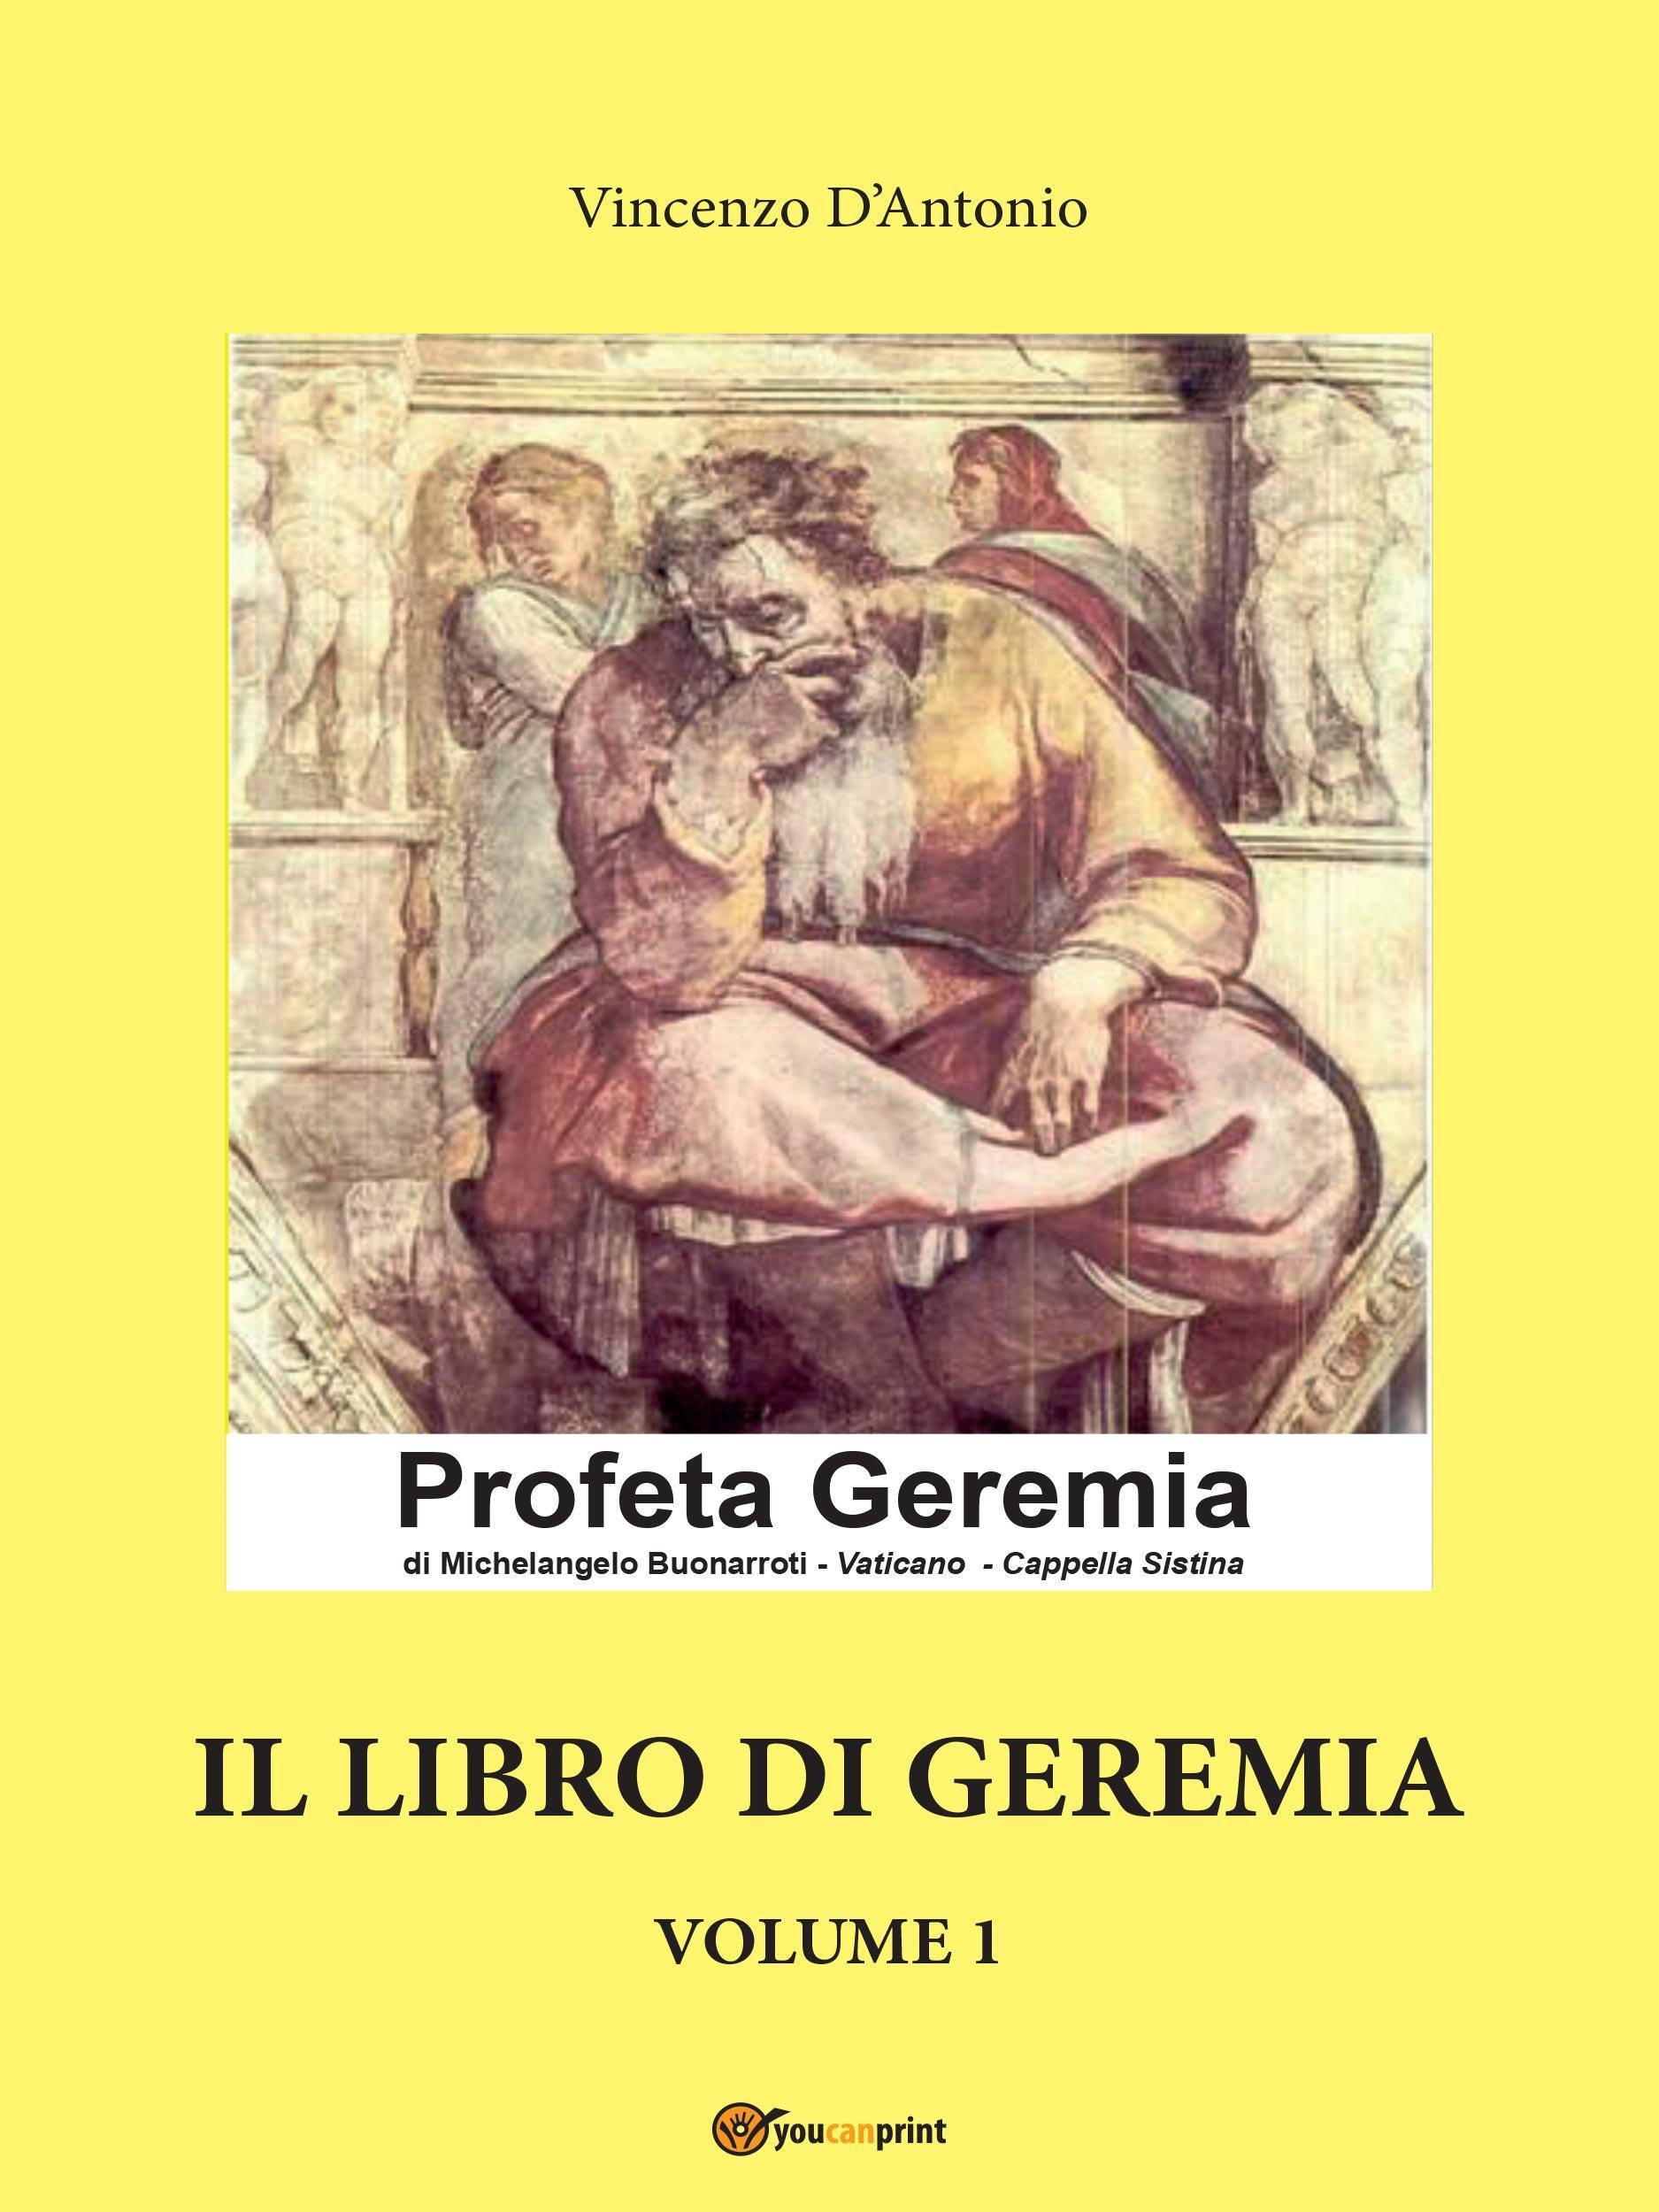 Il libro di Geremia - Volume 1